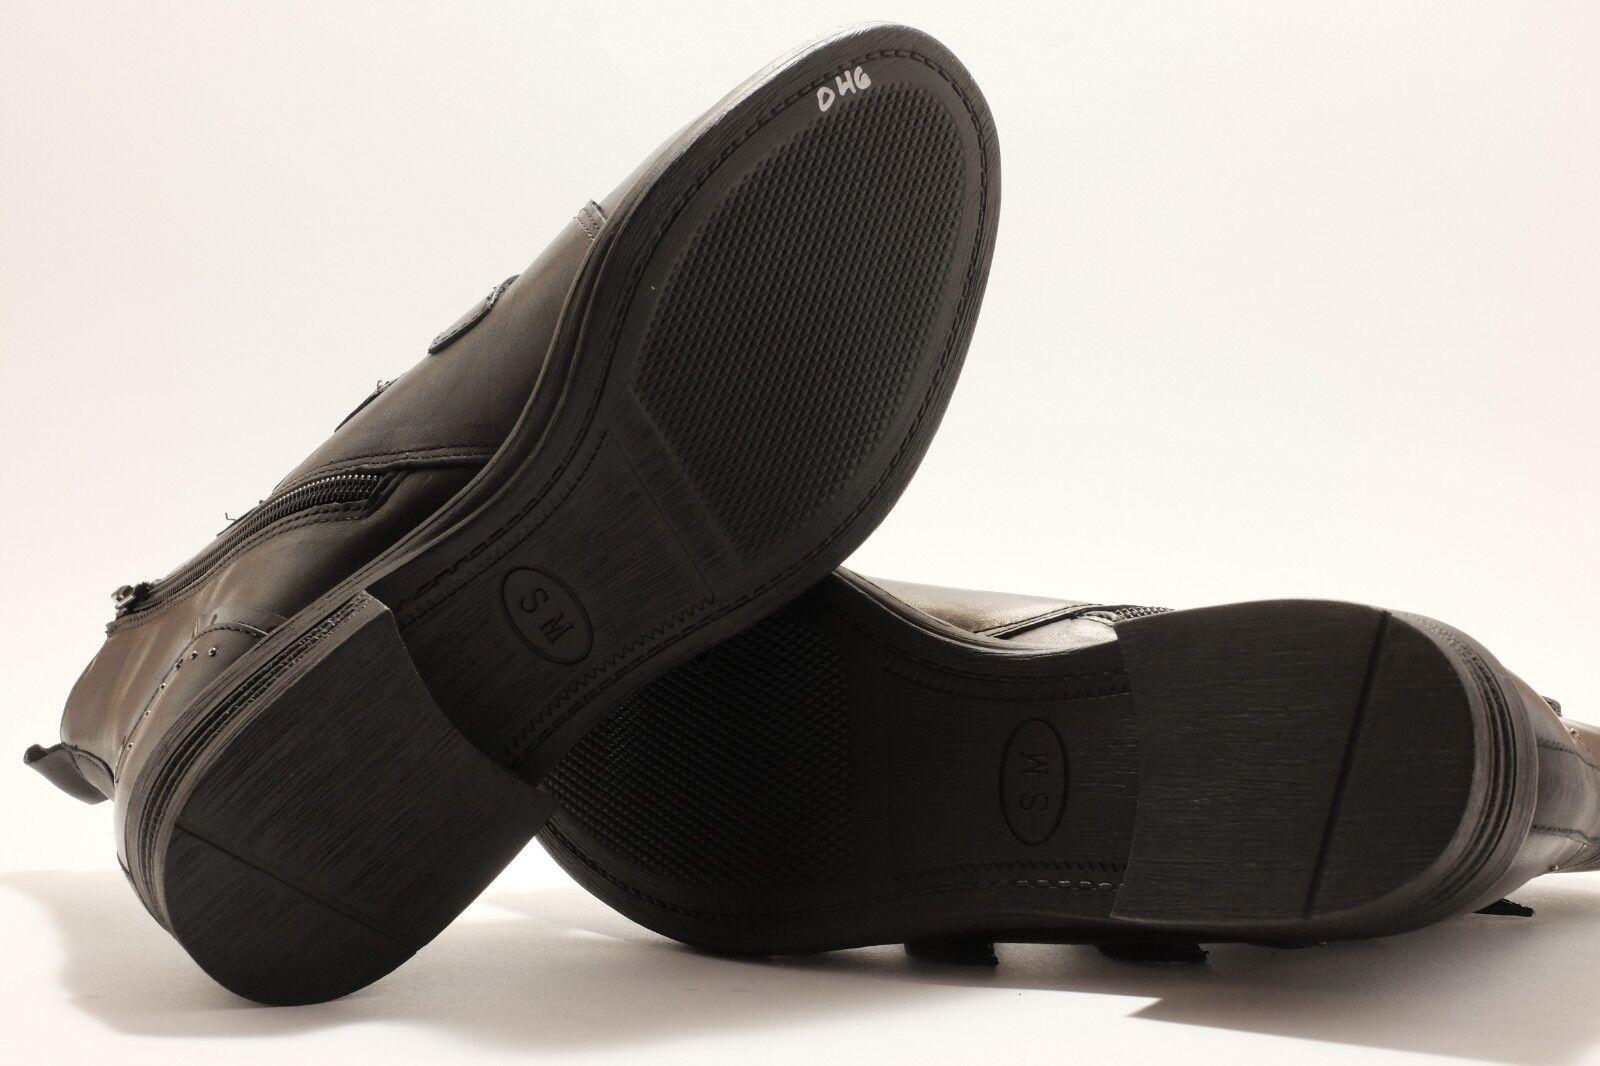 Steve Madden Combat Combat Combat Boots Black Size 7.5 New 0b2436